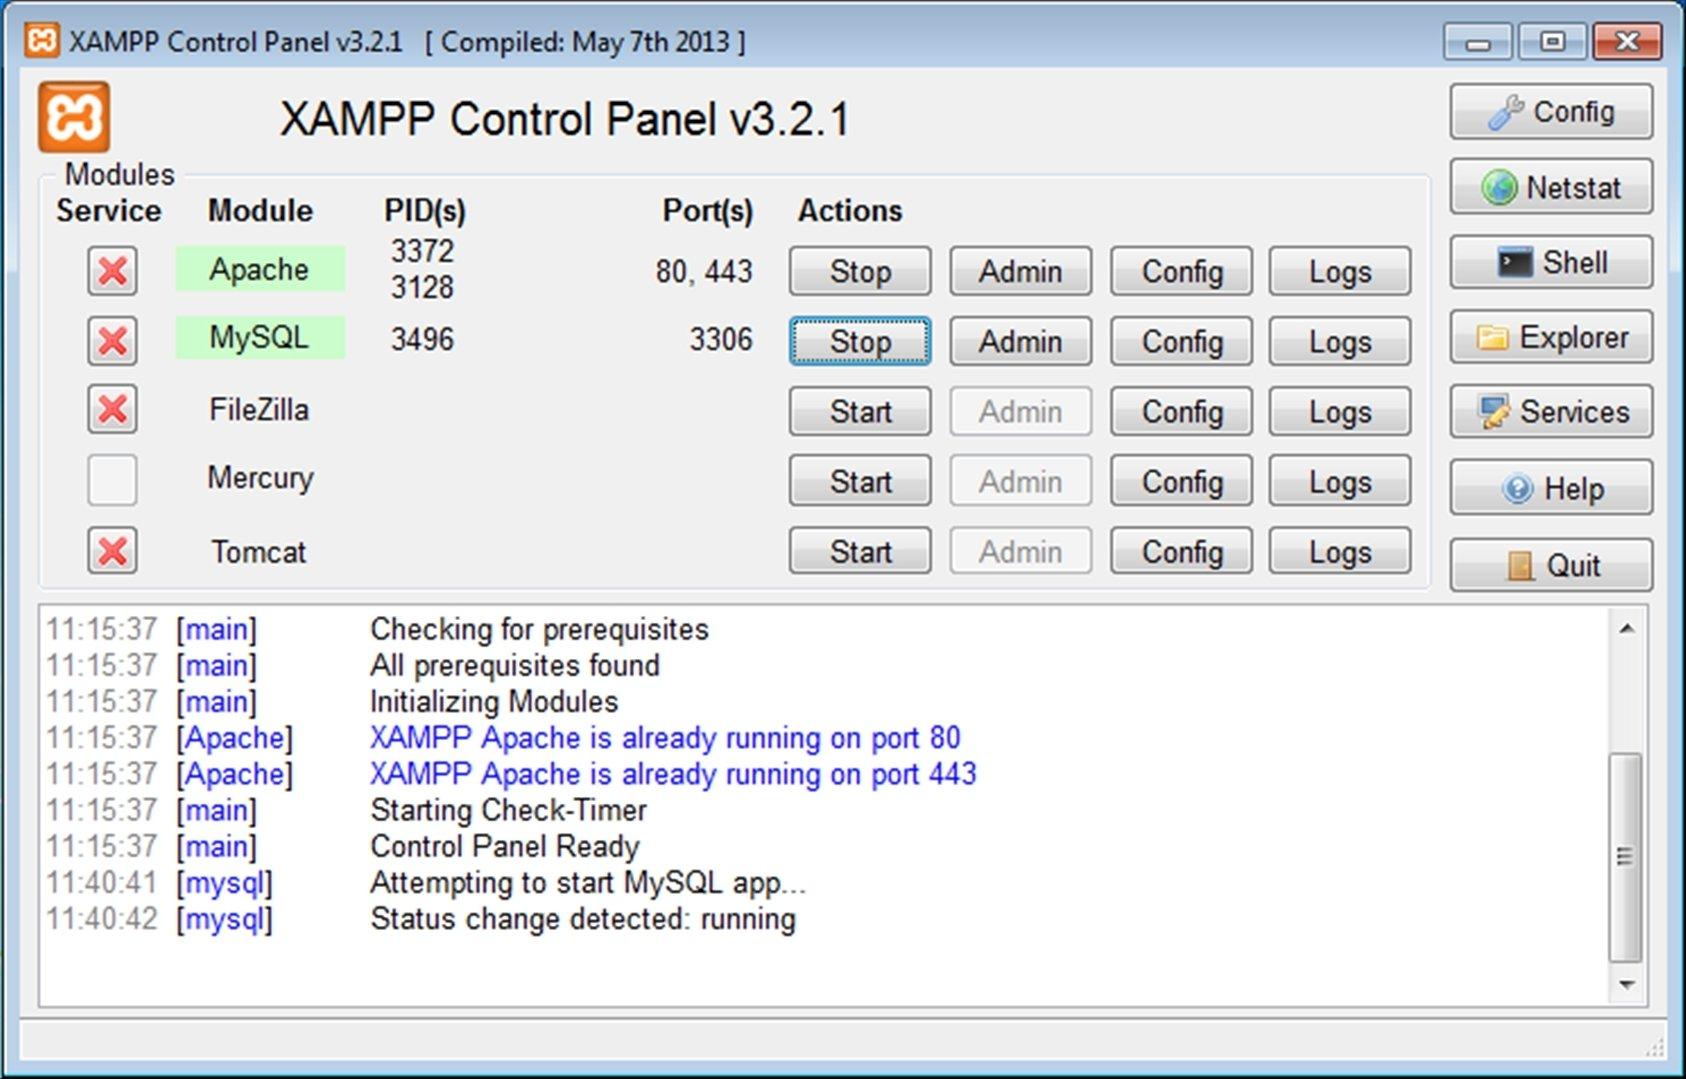 XAMPP image 4